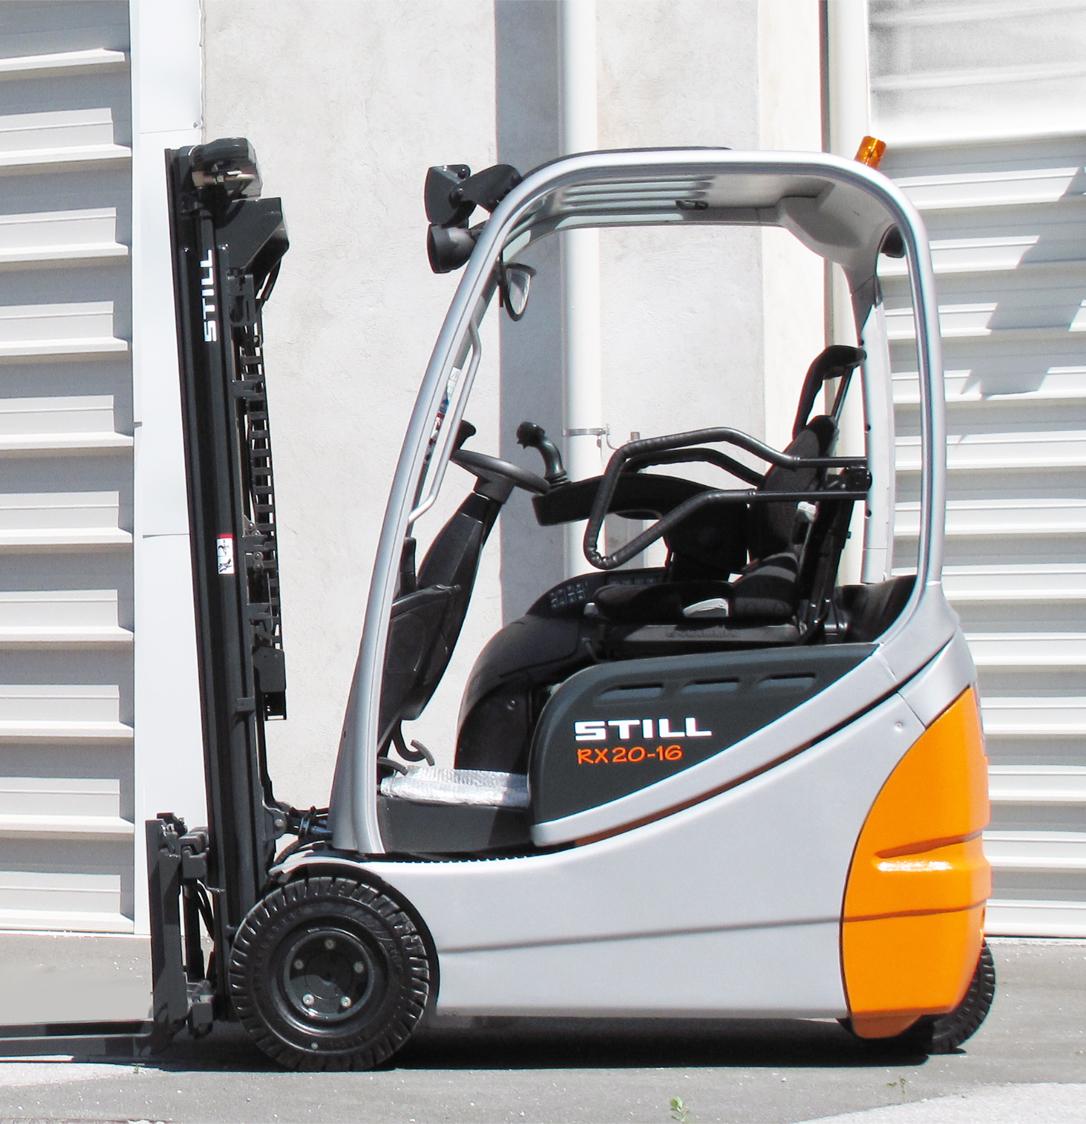 Viličar STILL RX20-16